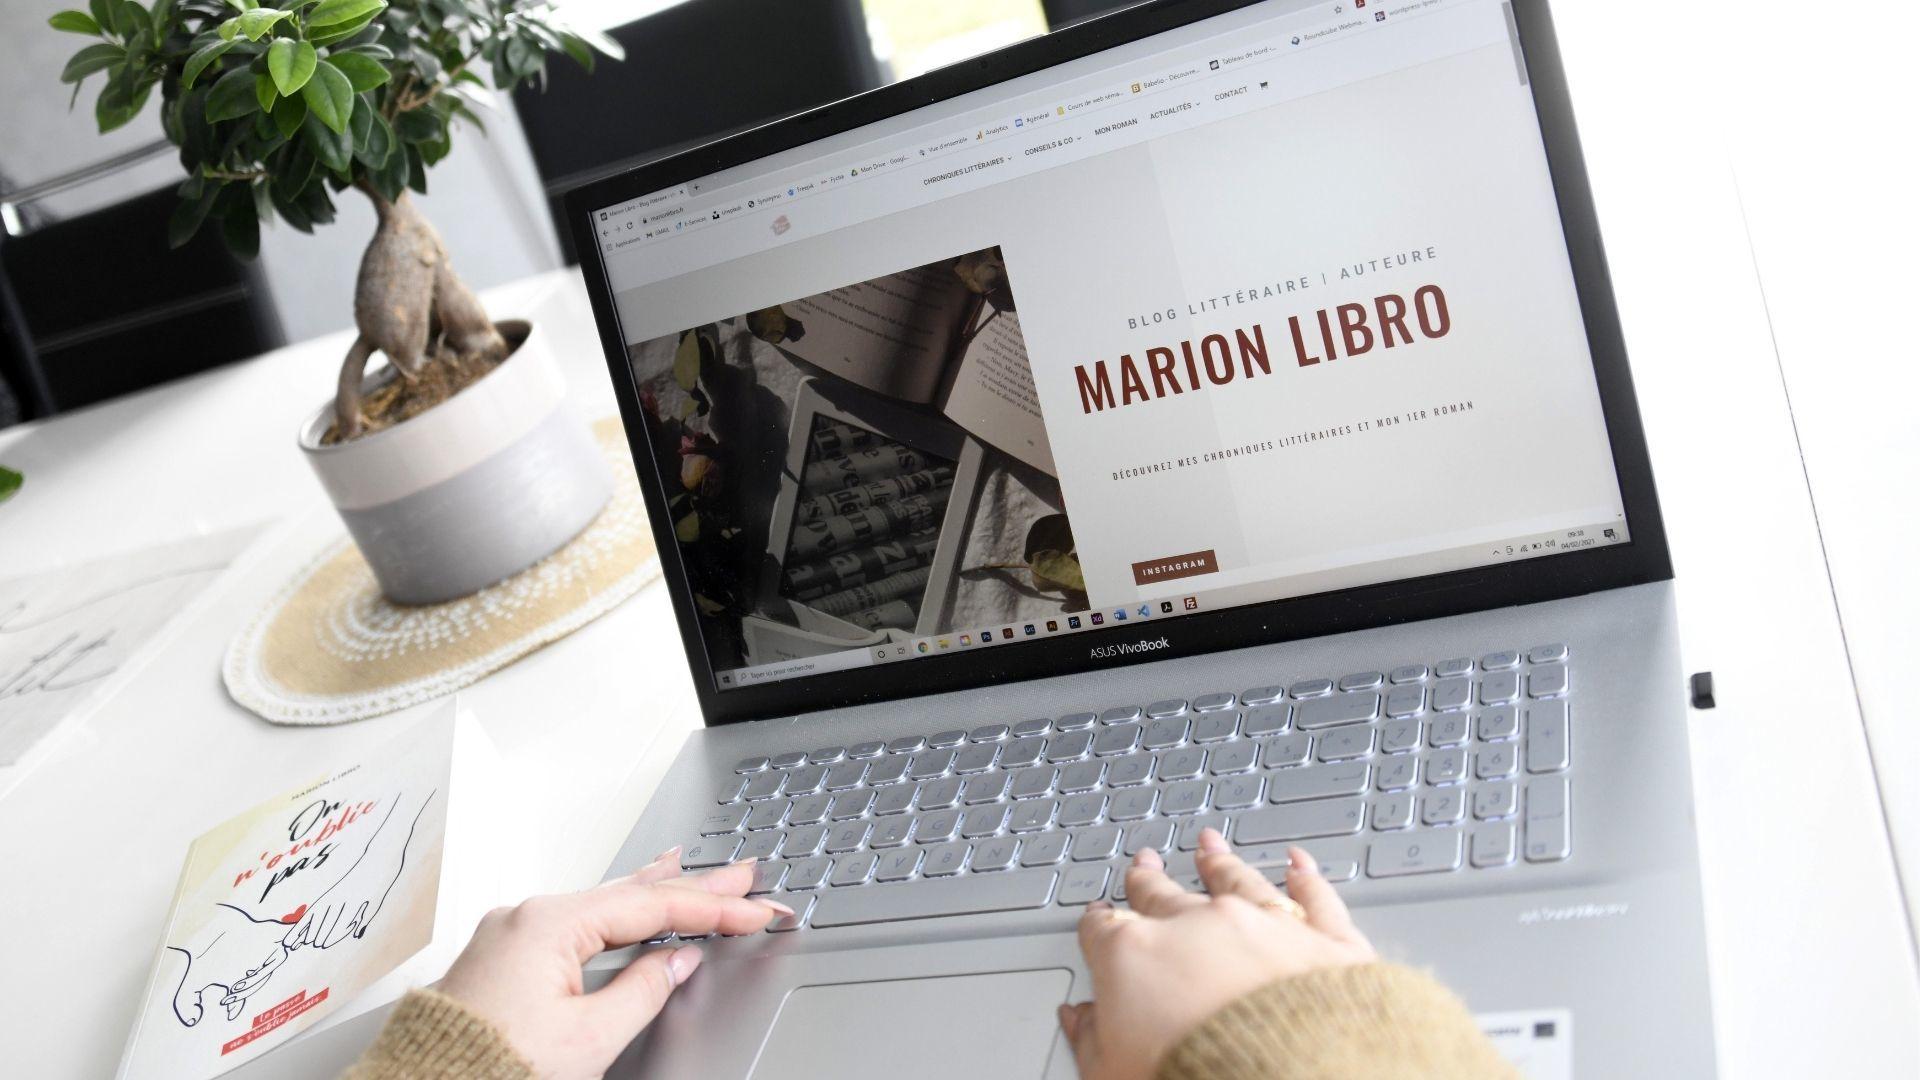 Marion Libro auteure et blogueuse littéraire : découvrez le blog de marion libro